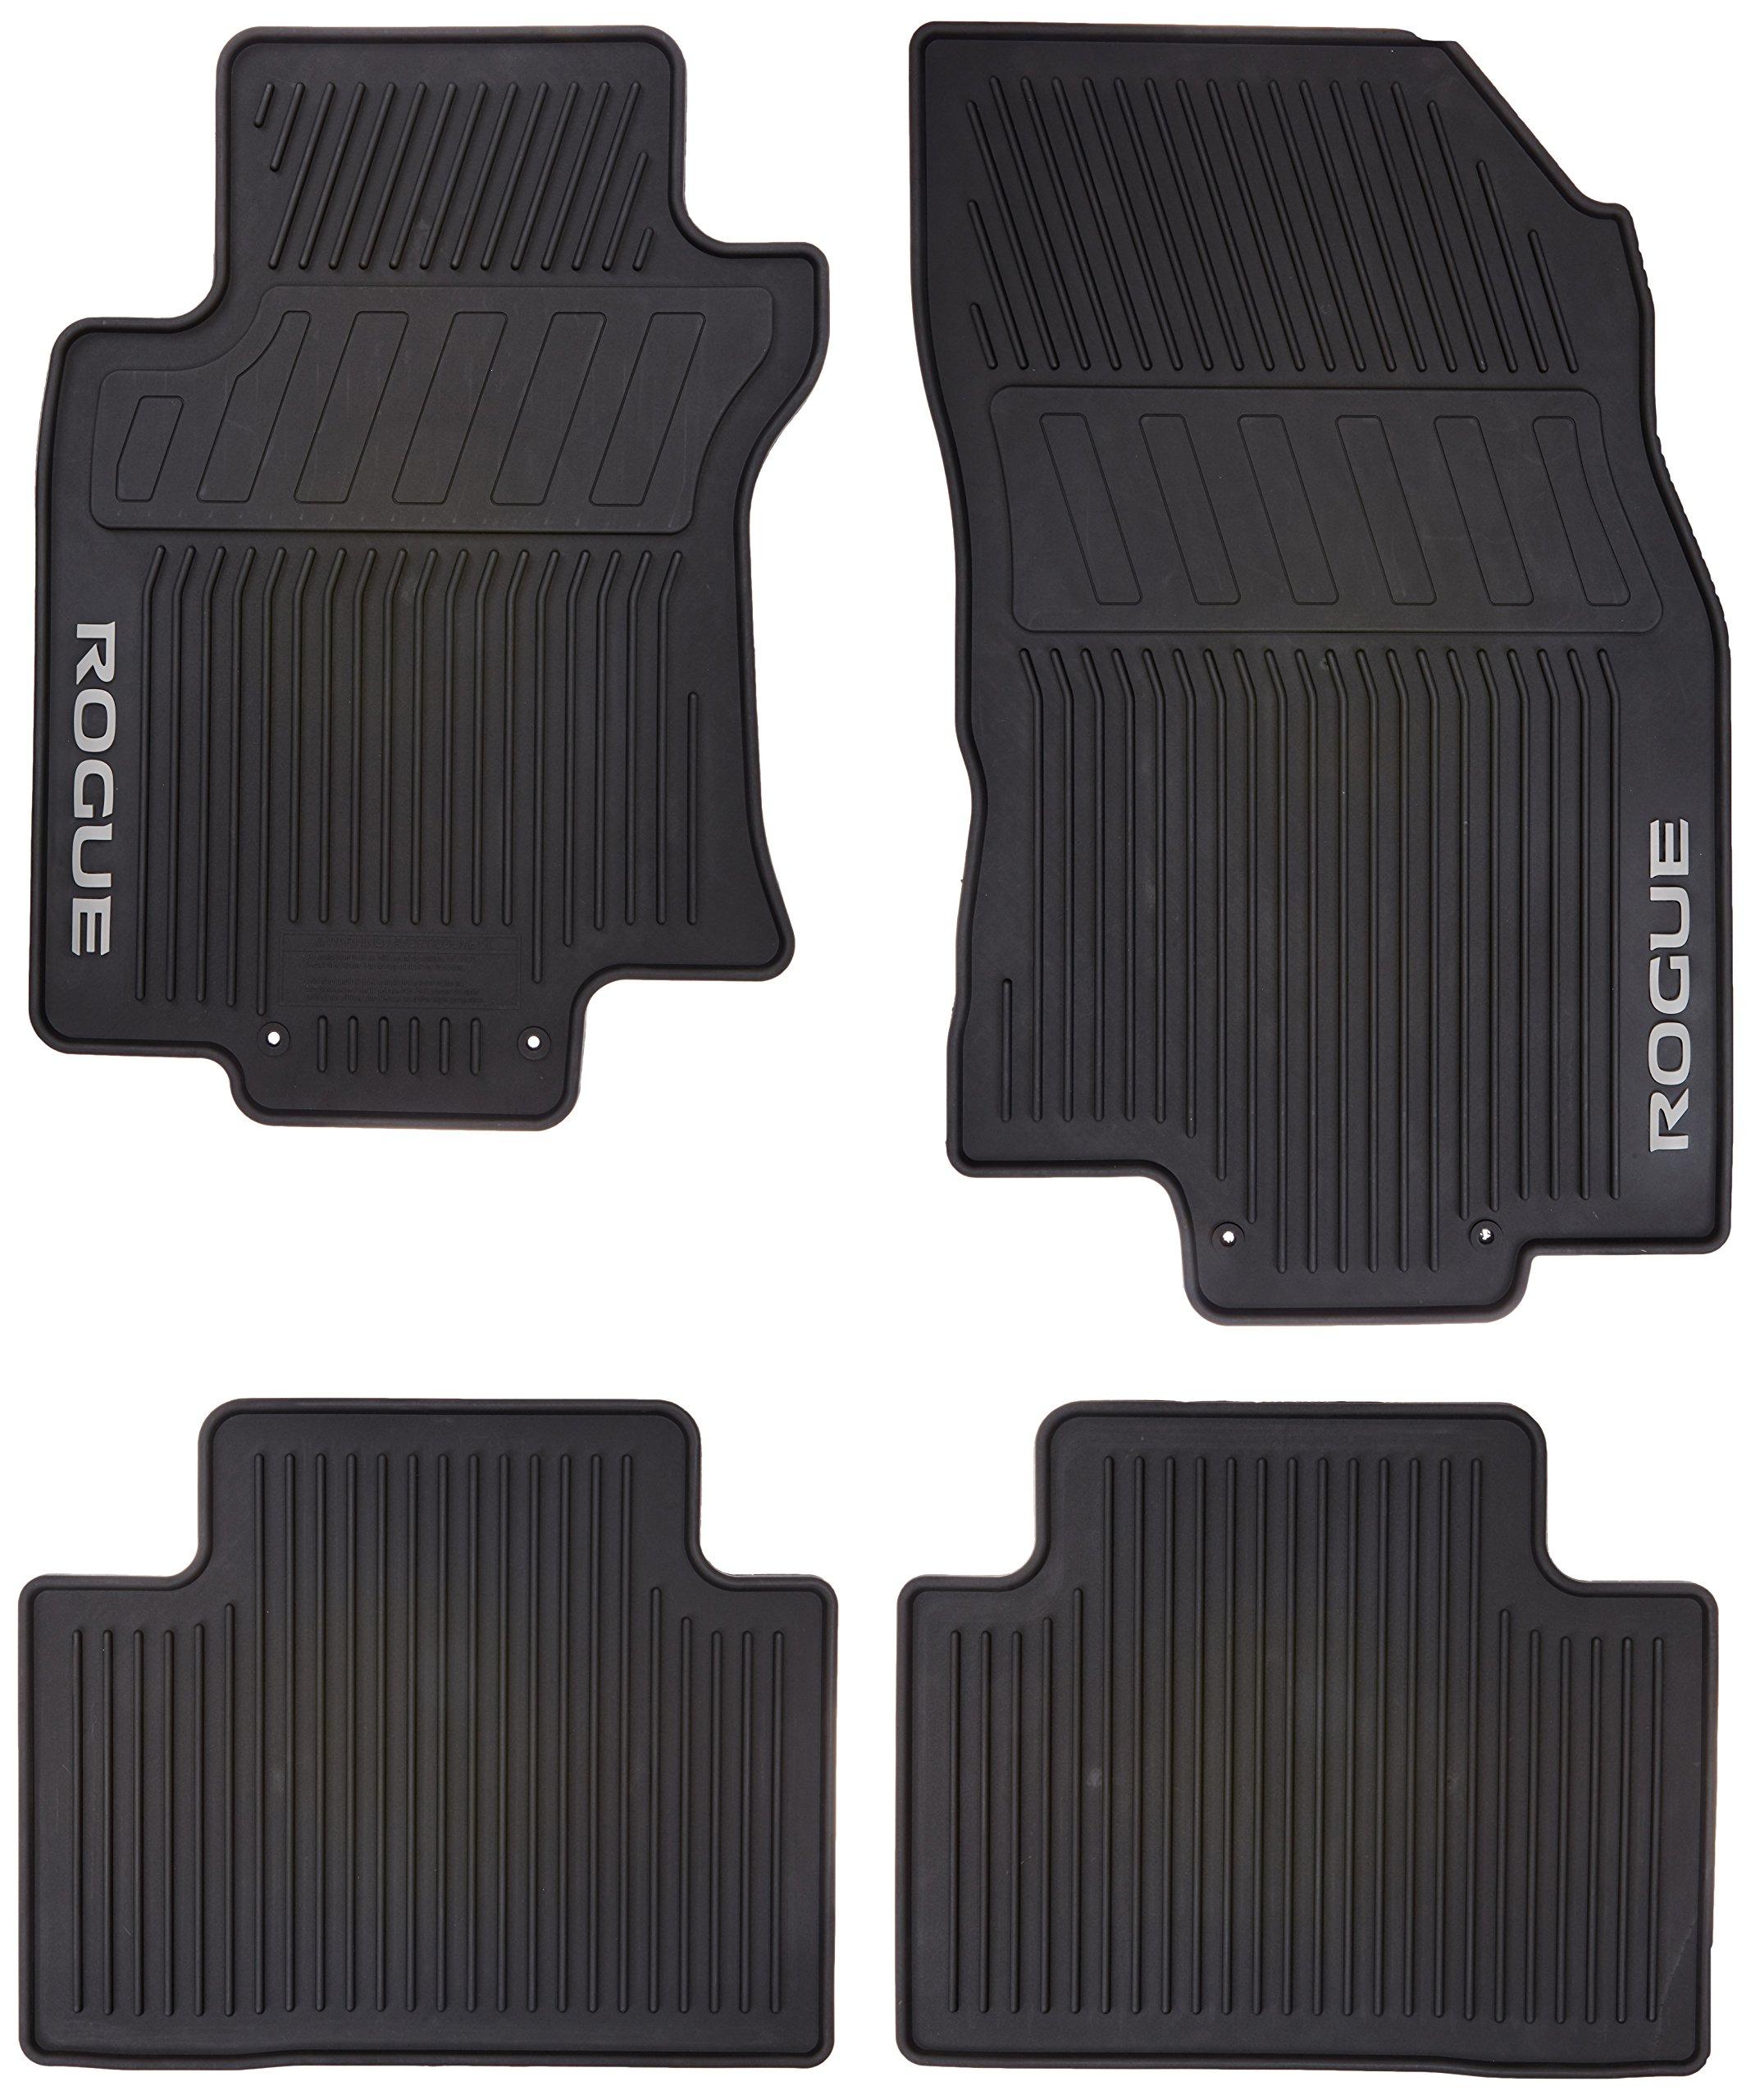 Amazoncom Nissan Genuine 999e1 G2000 Floor Mat Rubber Automotive